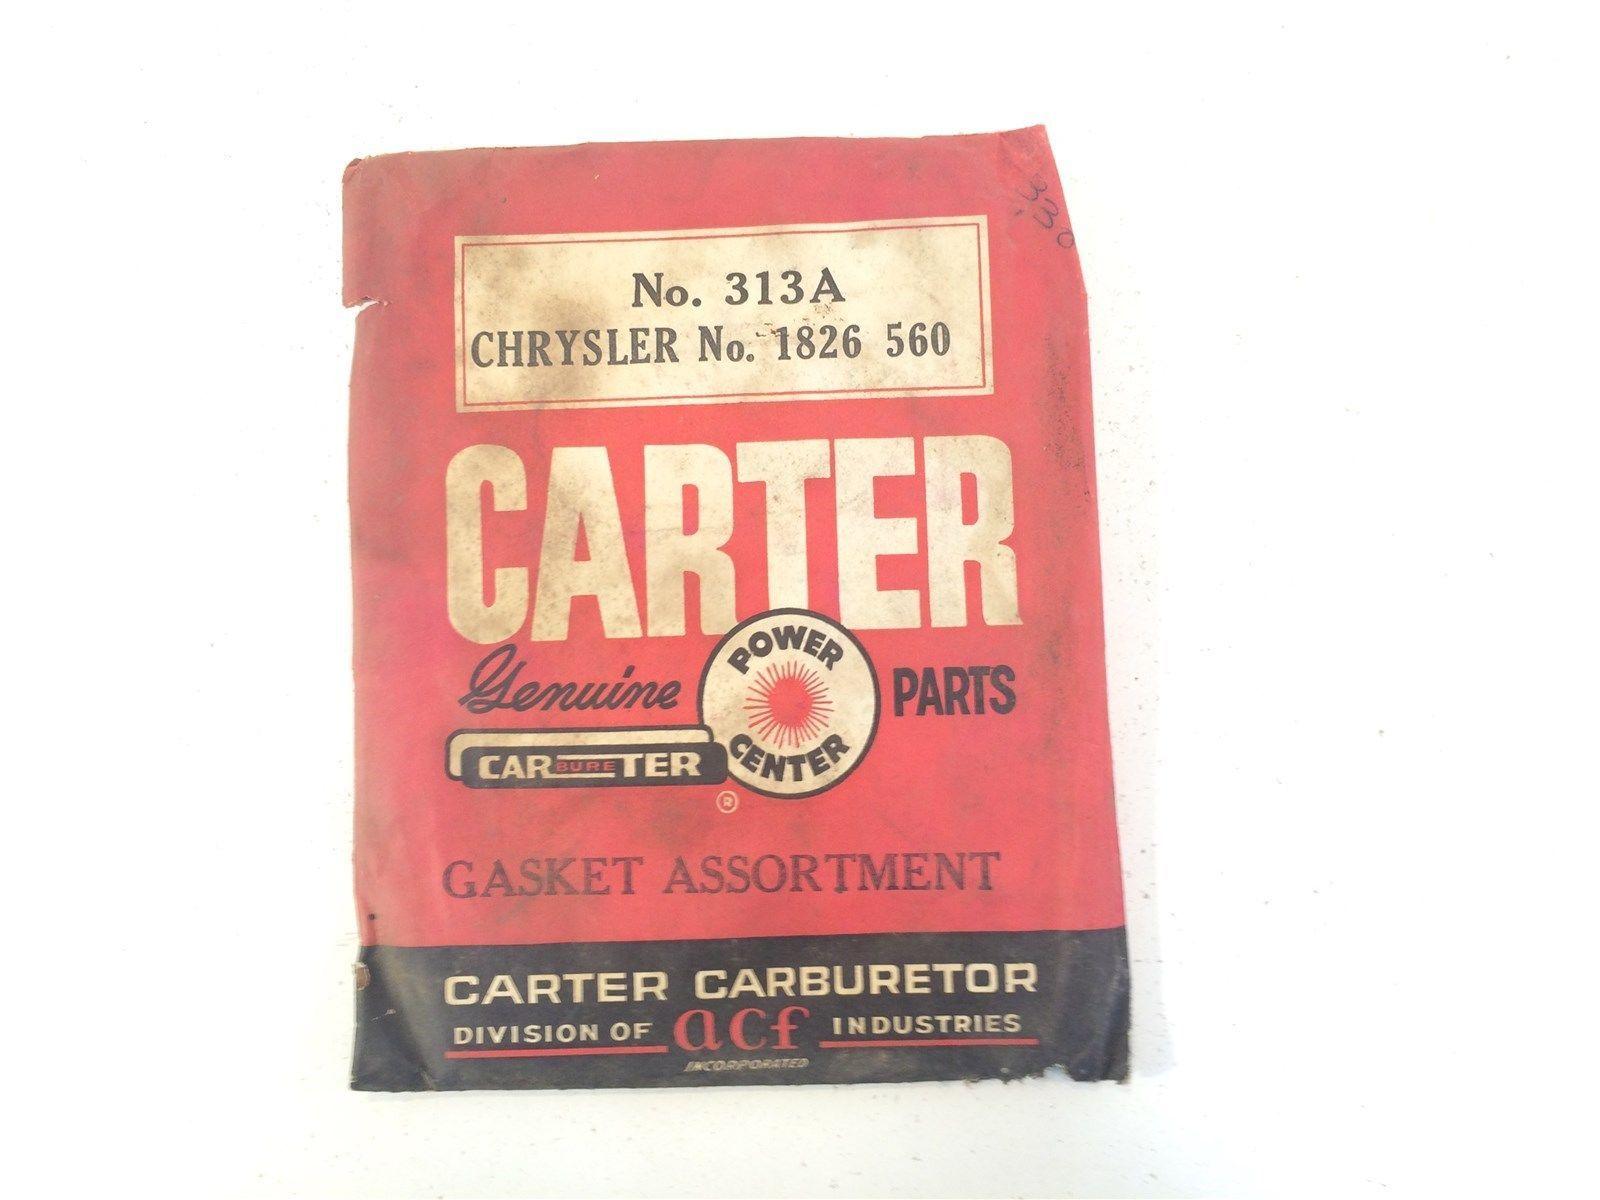 Vintage Carter Carburetor Gasket Assortment No. 313A Chrysler No. 1826 560